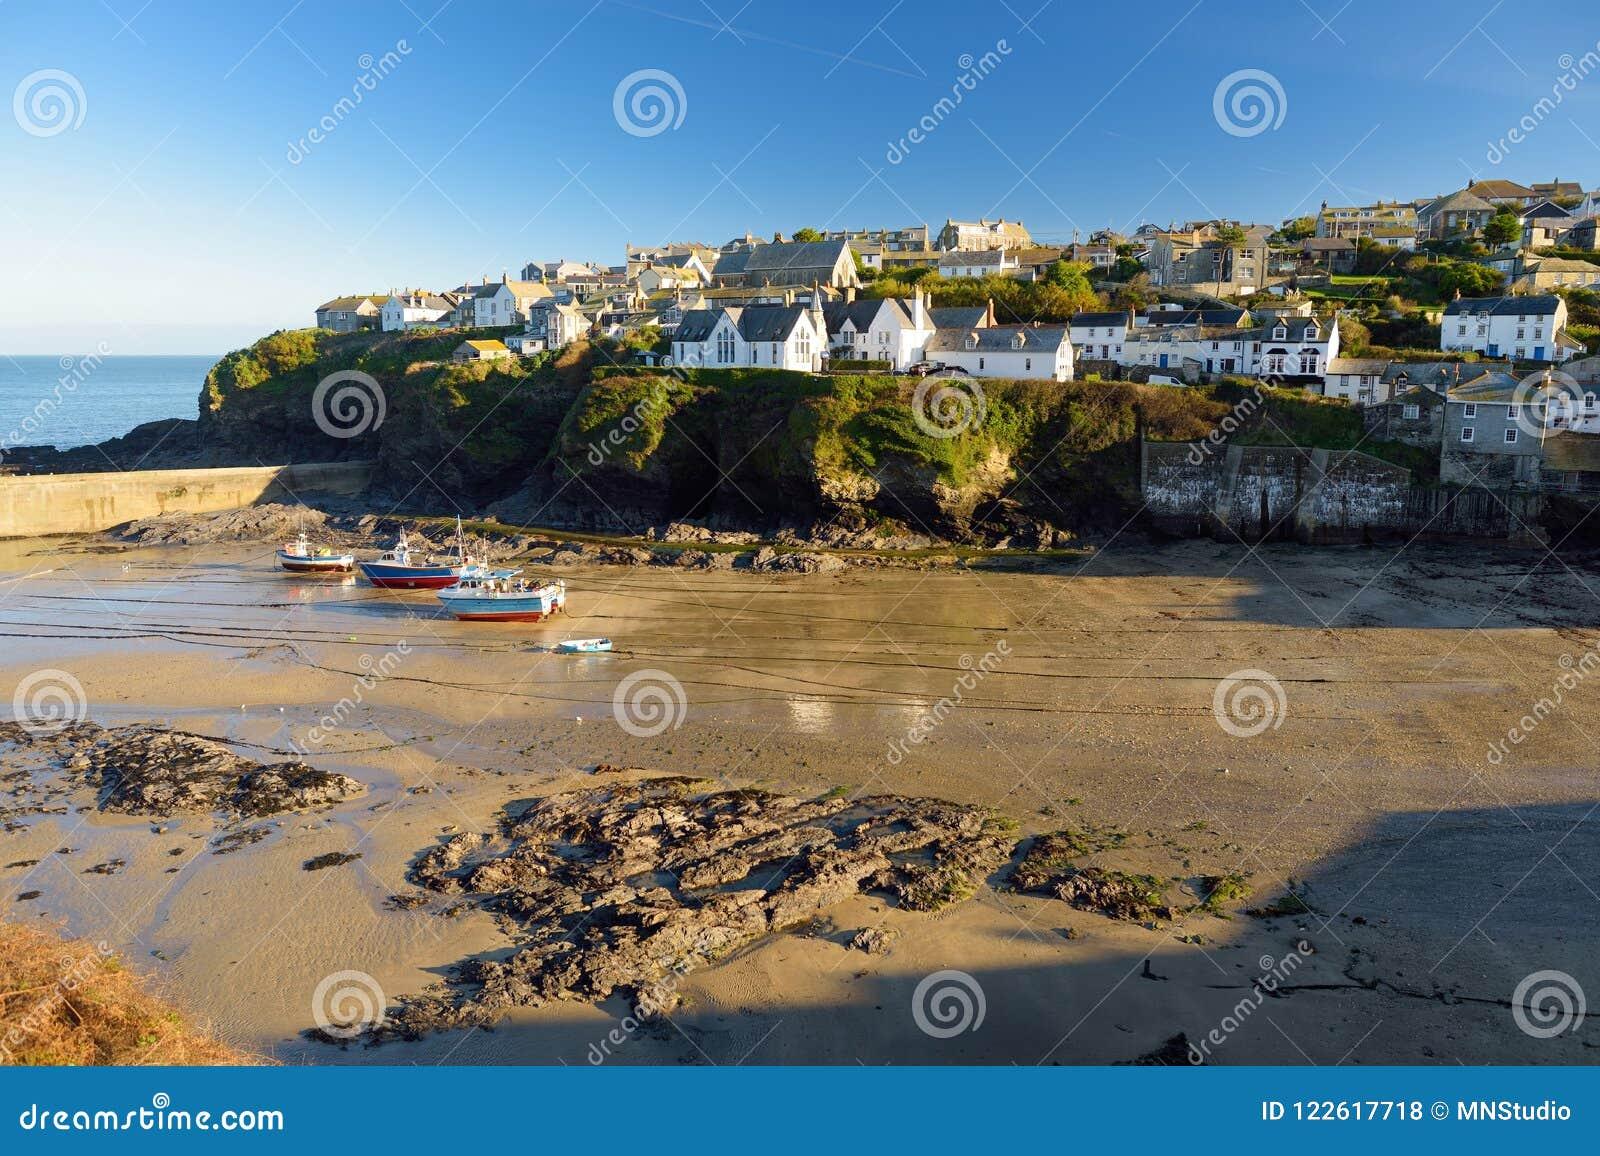 端起以撒,一个小和美丽如画的渔村北部康沃尔郡,英国,英国大西洋海岸的,著名作为ba